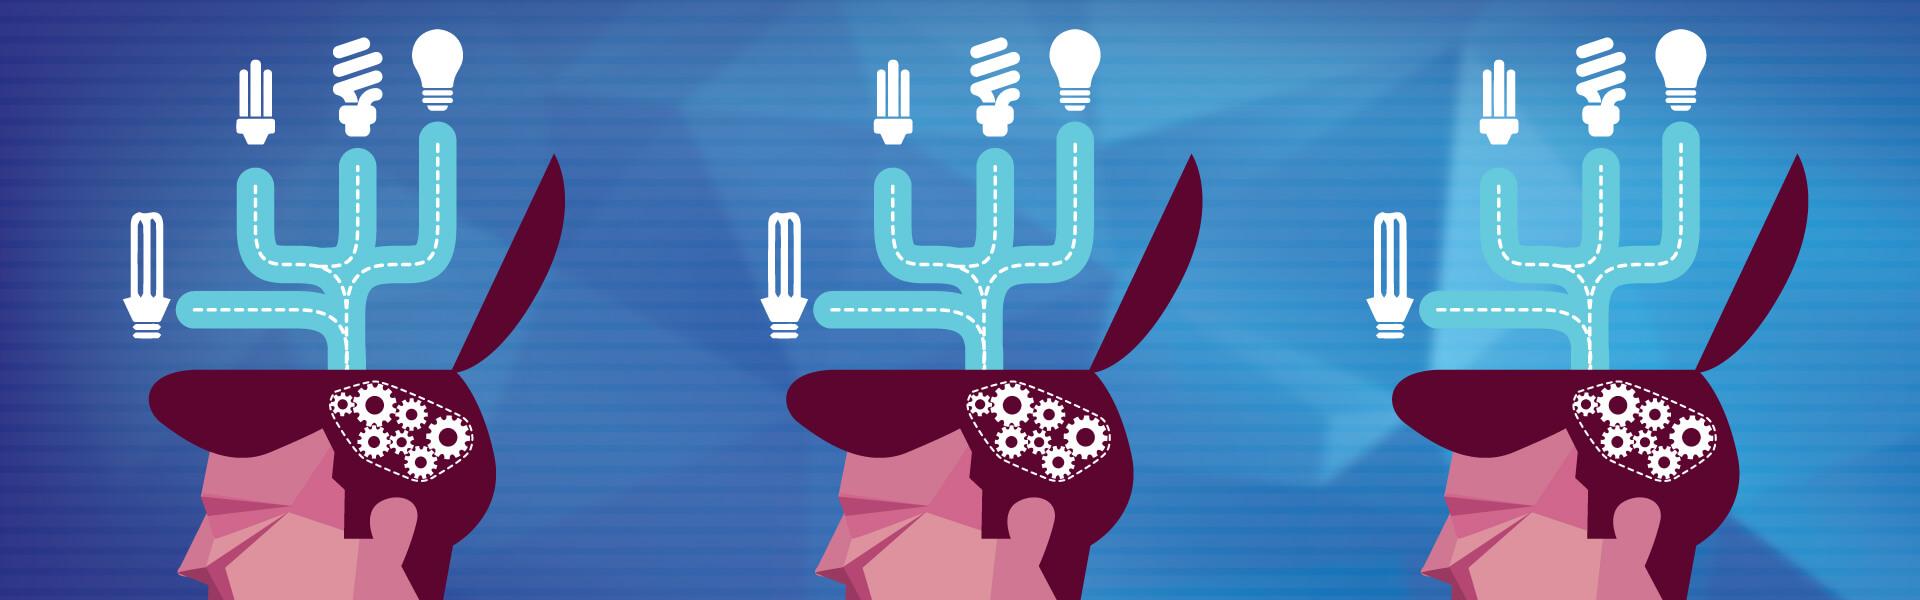 Utilities blog - Promote energy efficiency programs